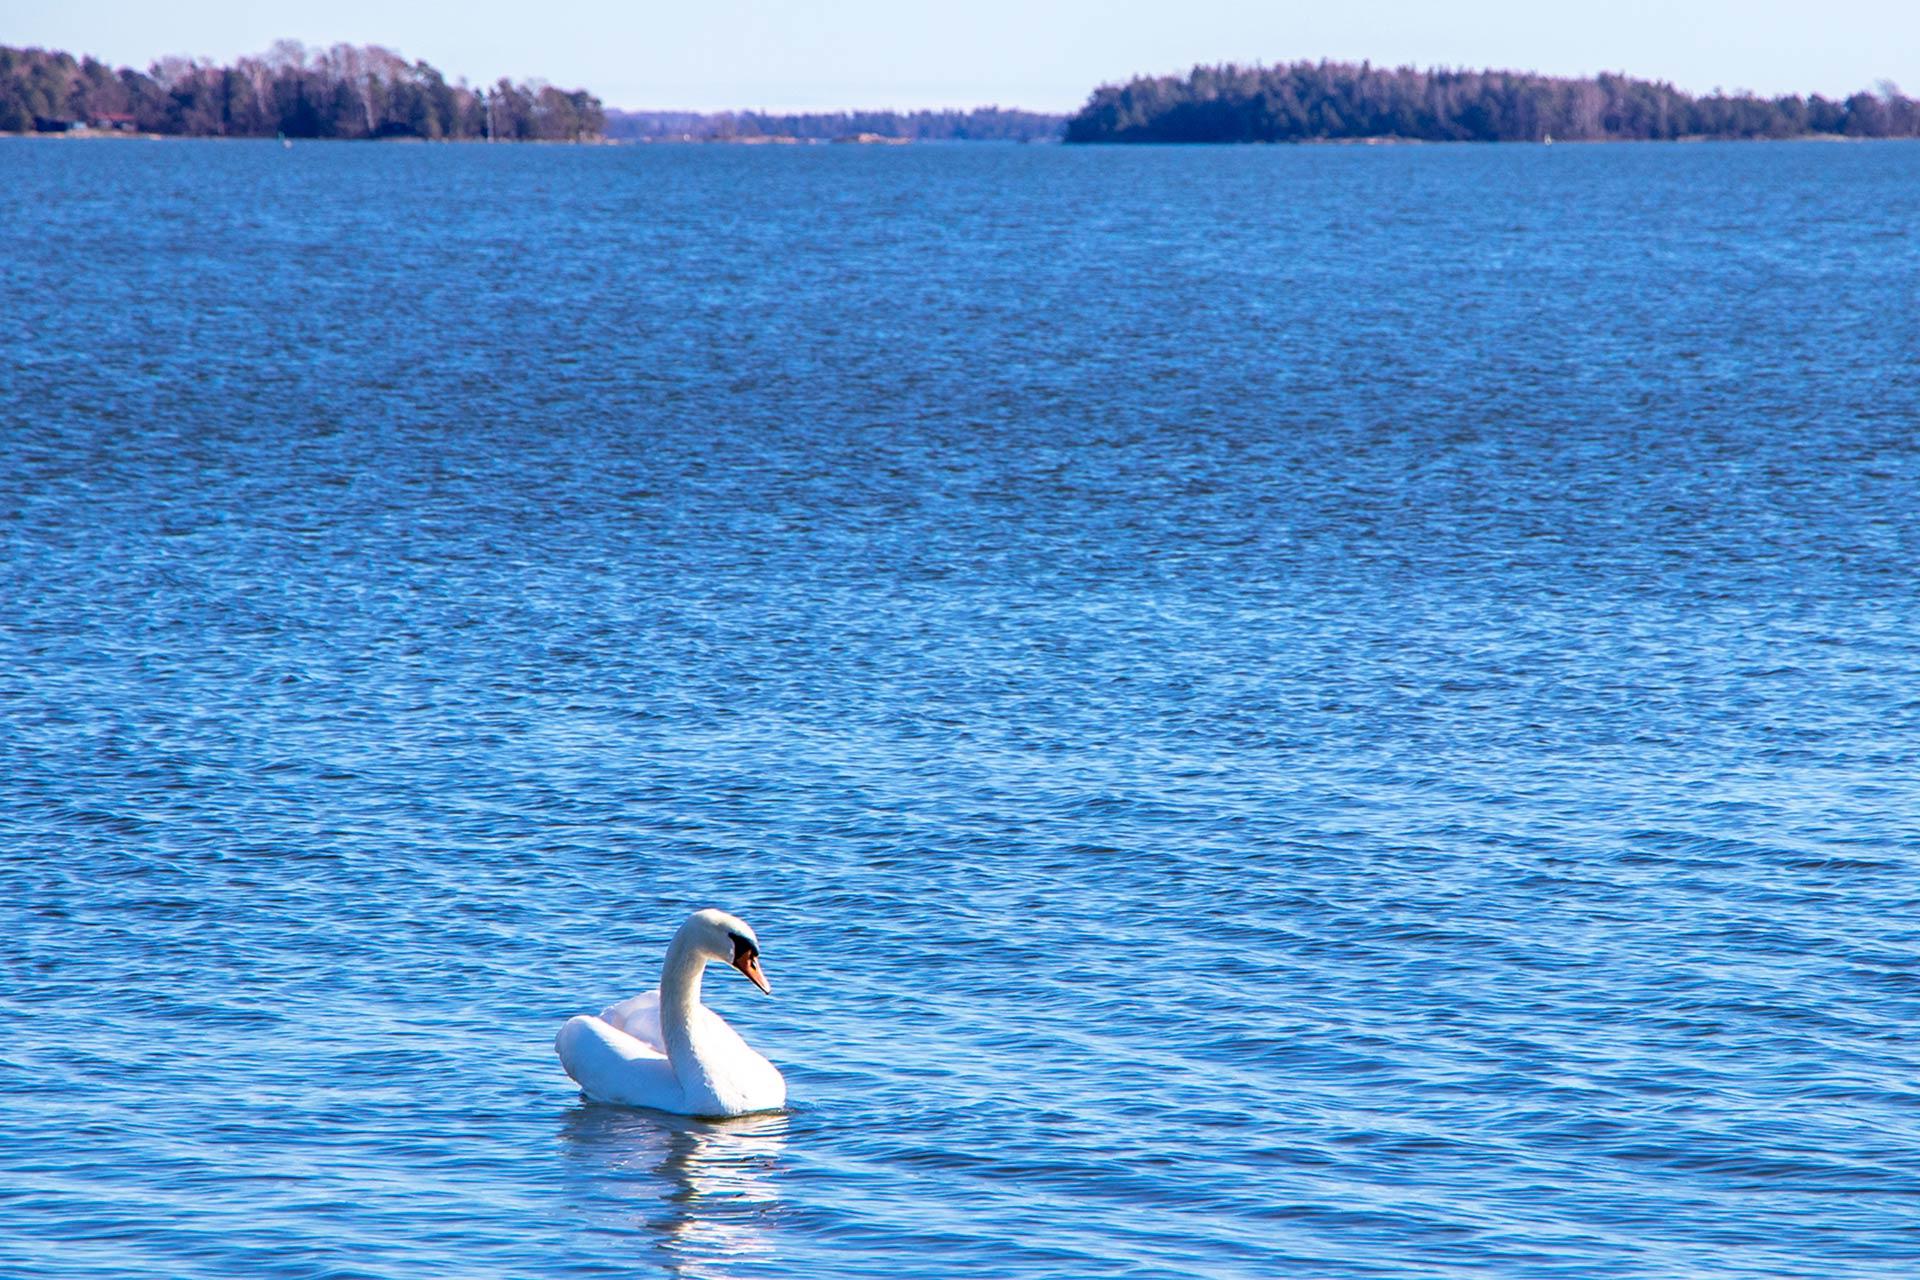 Espoon rantaraitti tarjoaa upeat puitteet ulkoiluun meren välittömässä läheisyydessä.